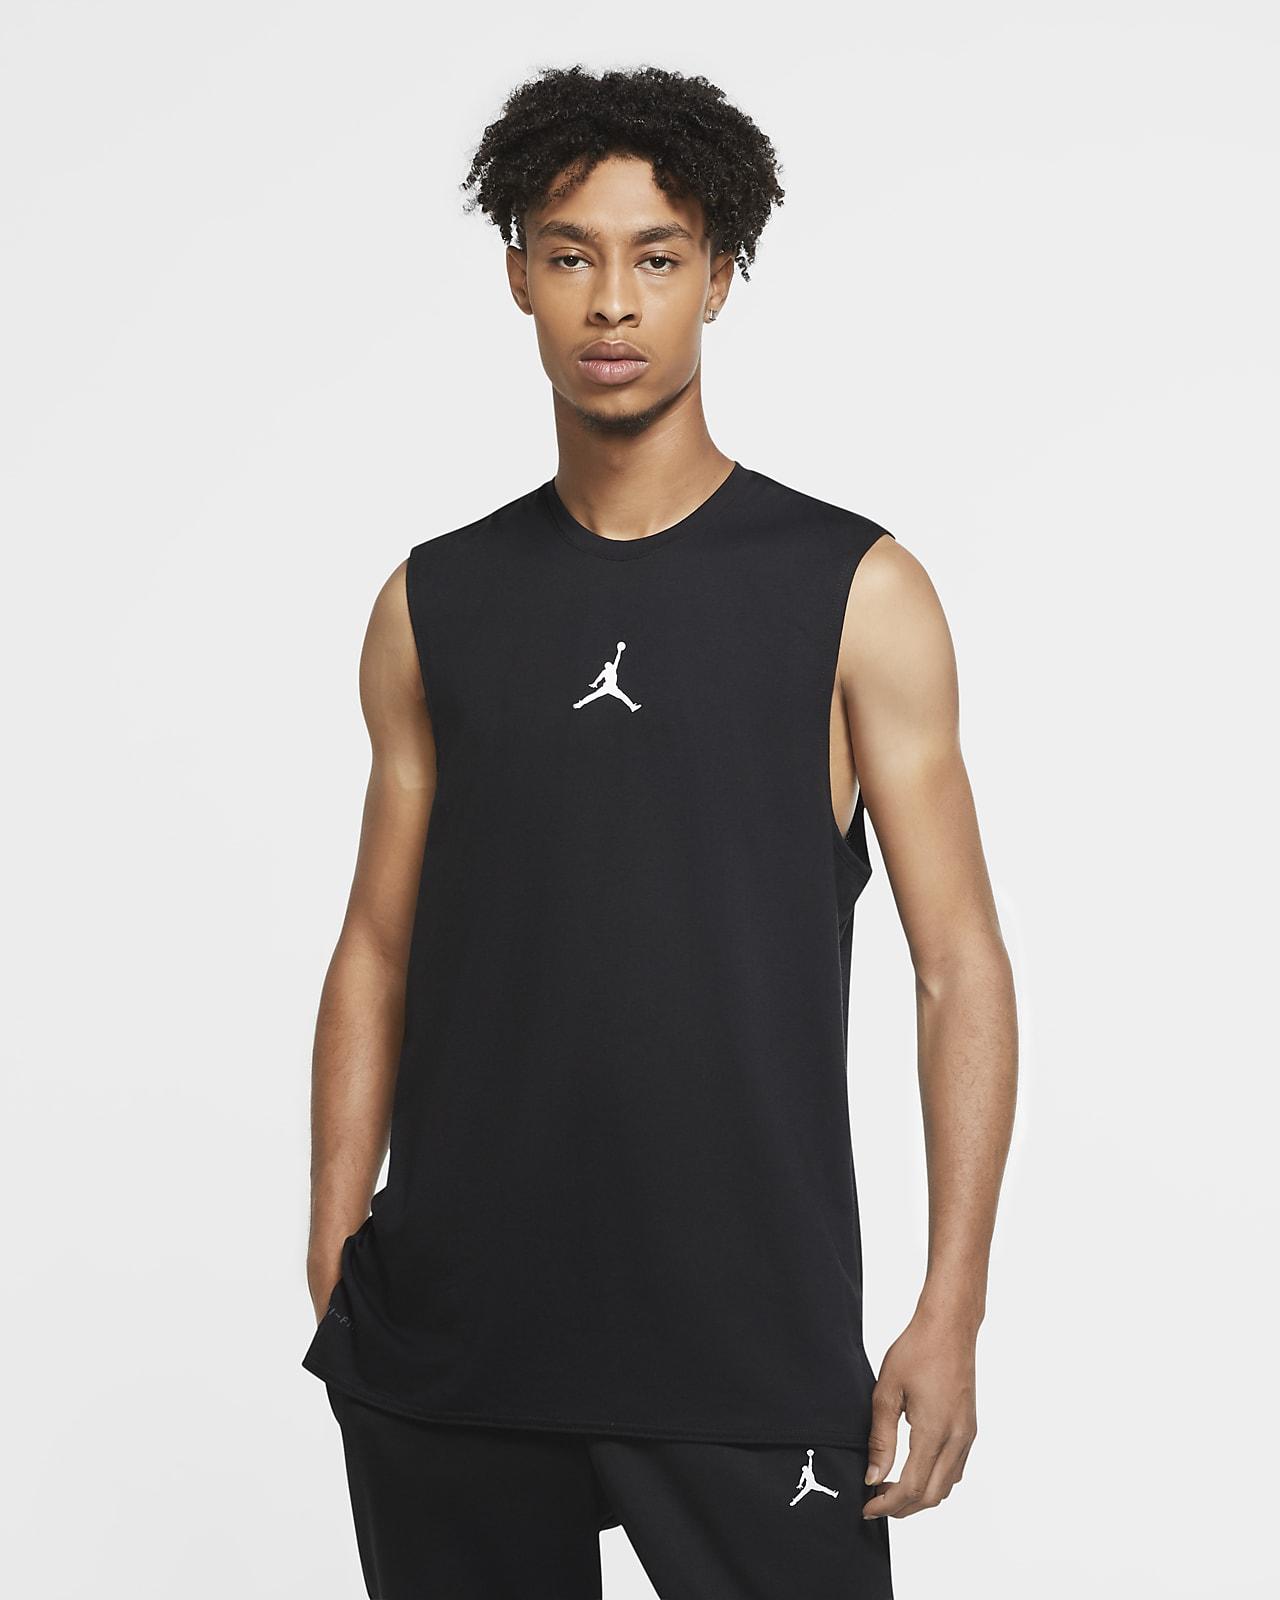 เสื้อเทรนนิ่งแขนกุดผู้ชาย Jordan Air